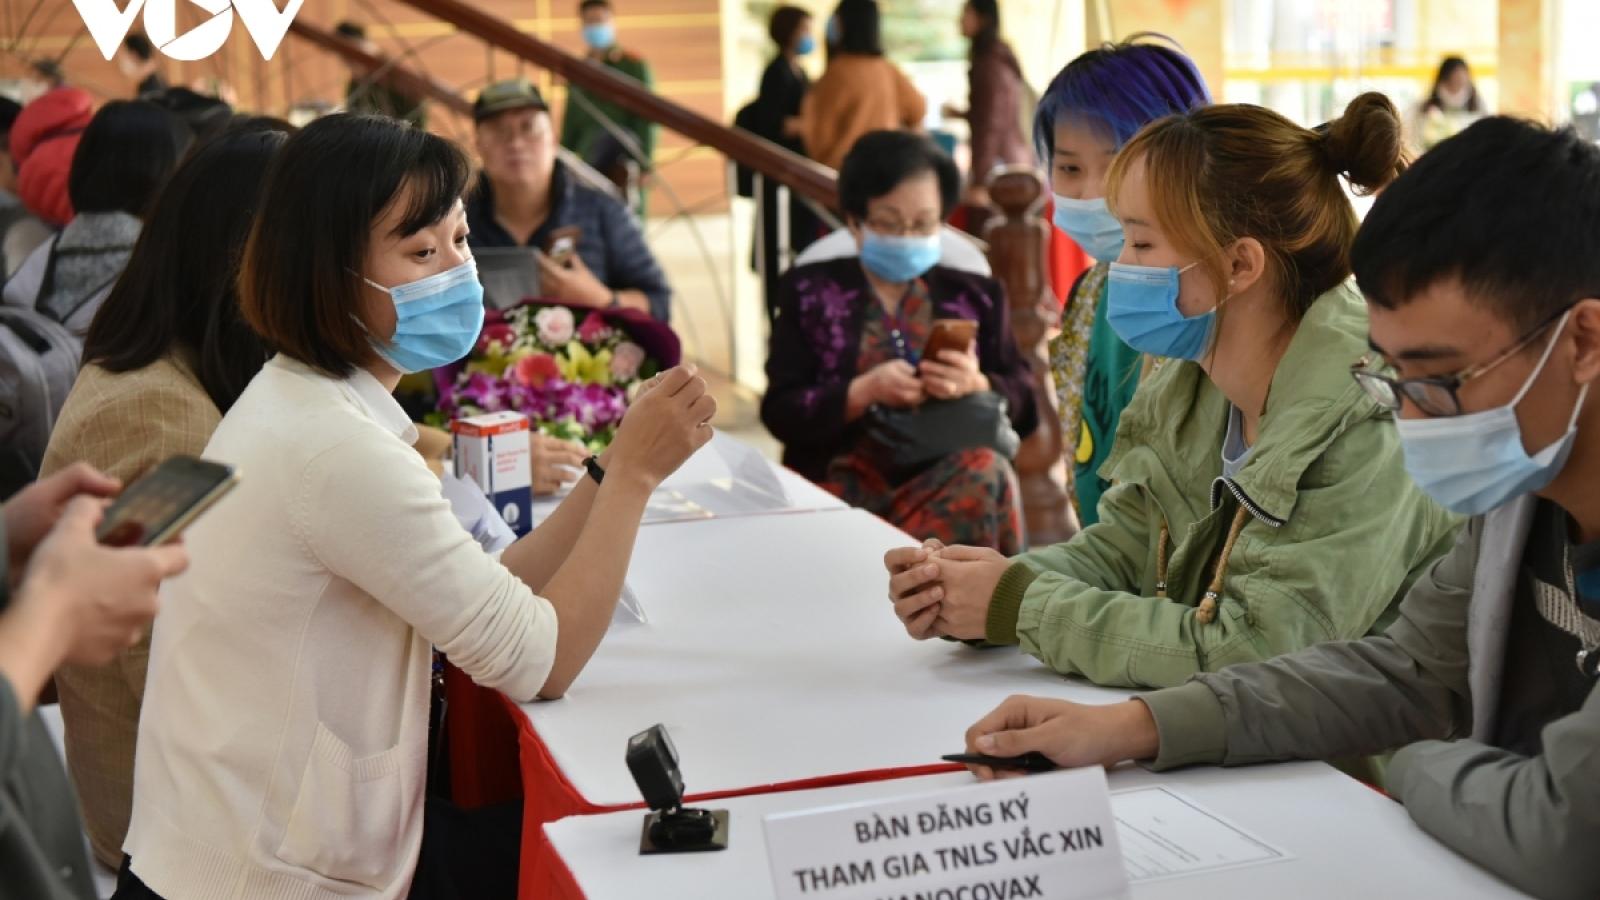 Hôm nay, 3 người đầu tiên tiêm thử nghiệm vaccine Covid-19 của Việt Nam